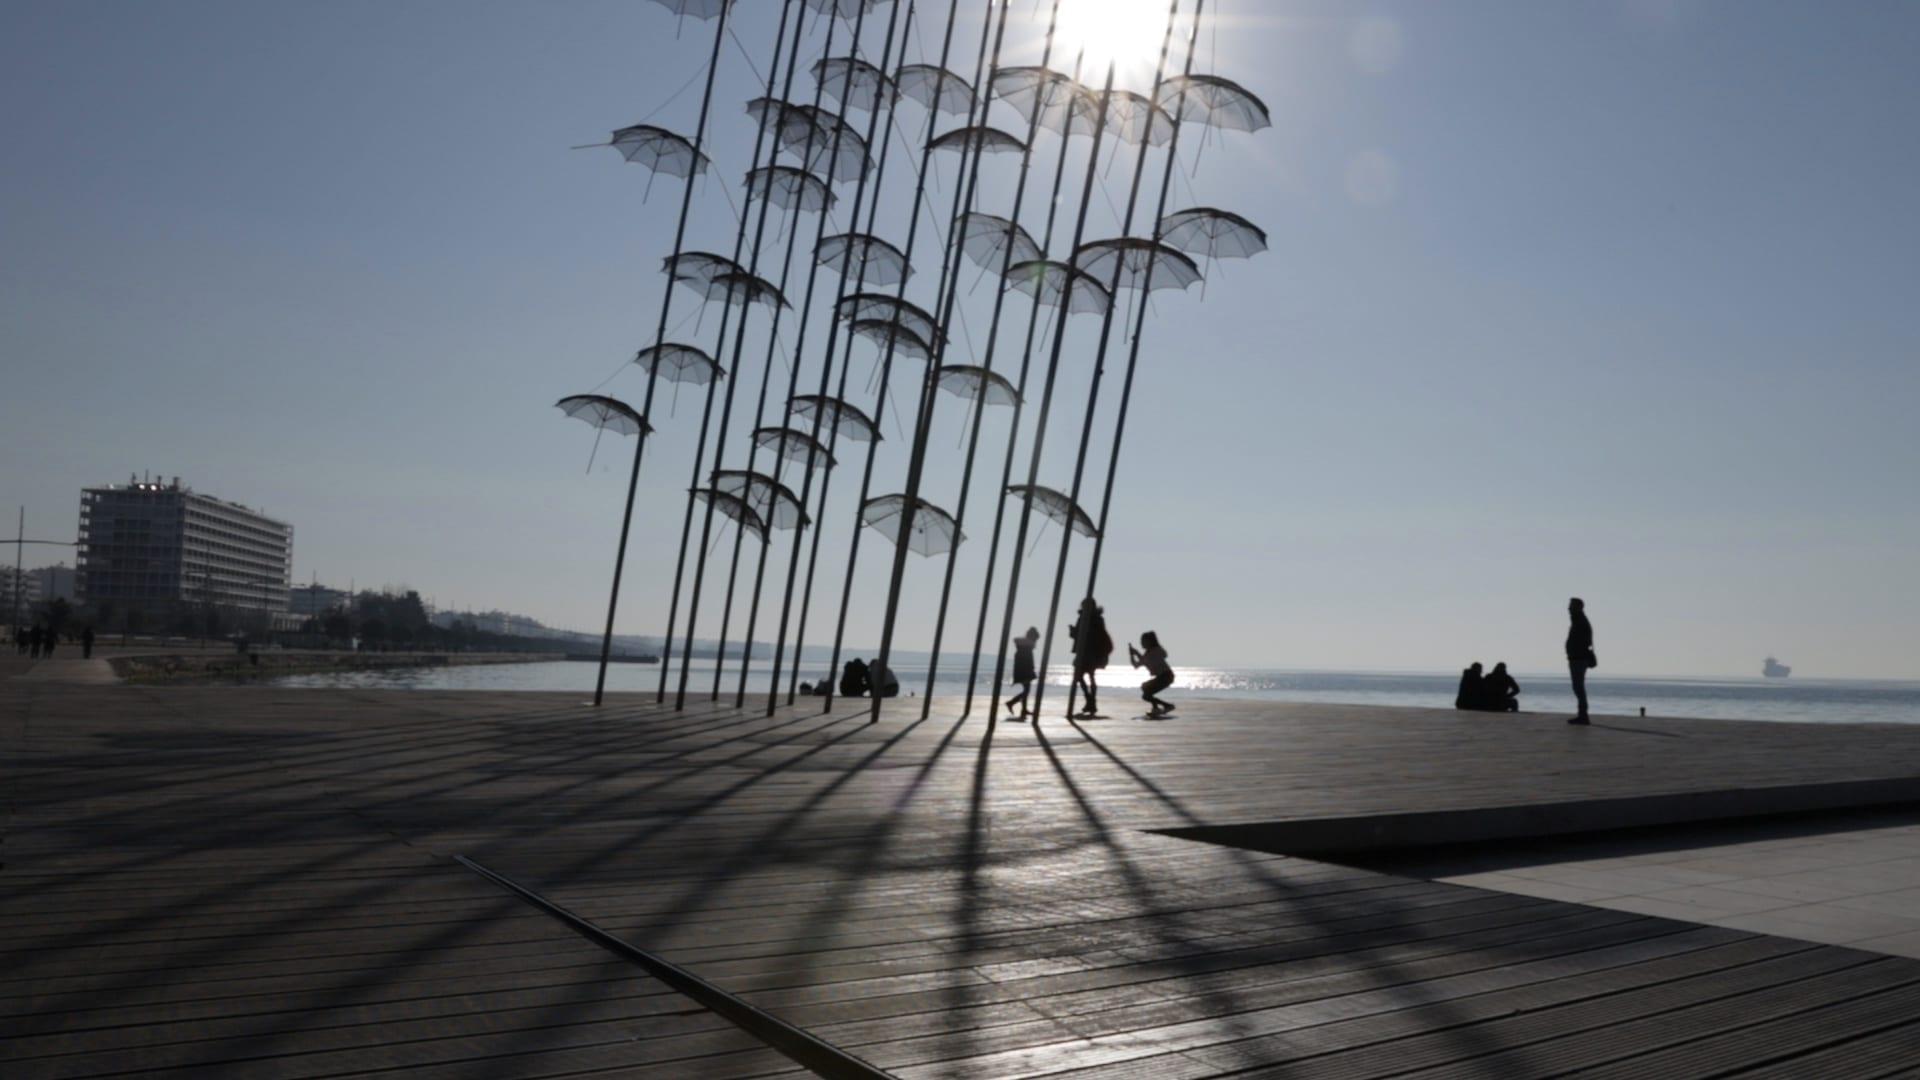 Arxellence 2 Thessaloniki landmark 2 - ALUMIL organizează ArXellence 2, competiție deschisă arhitecților pentru noul Central Business District din Salonic